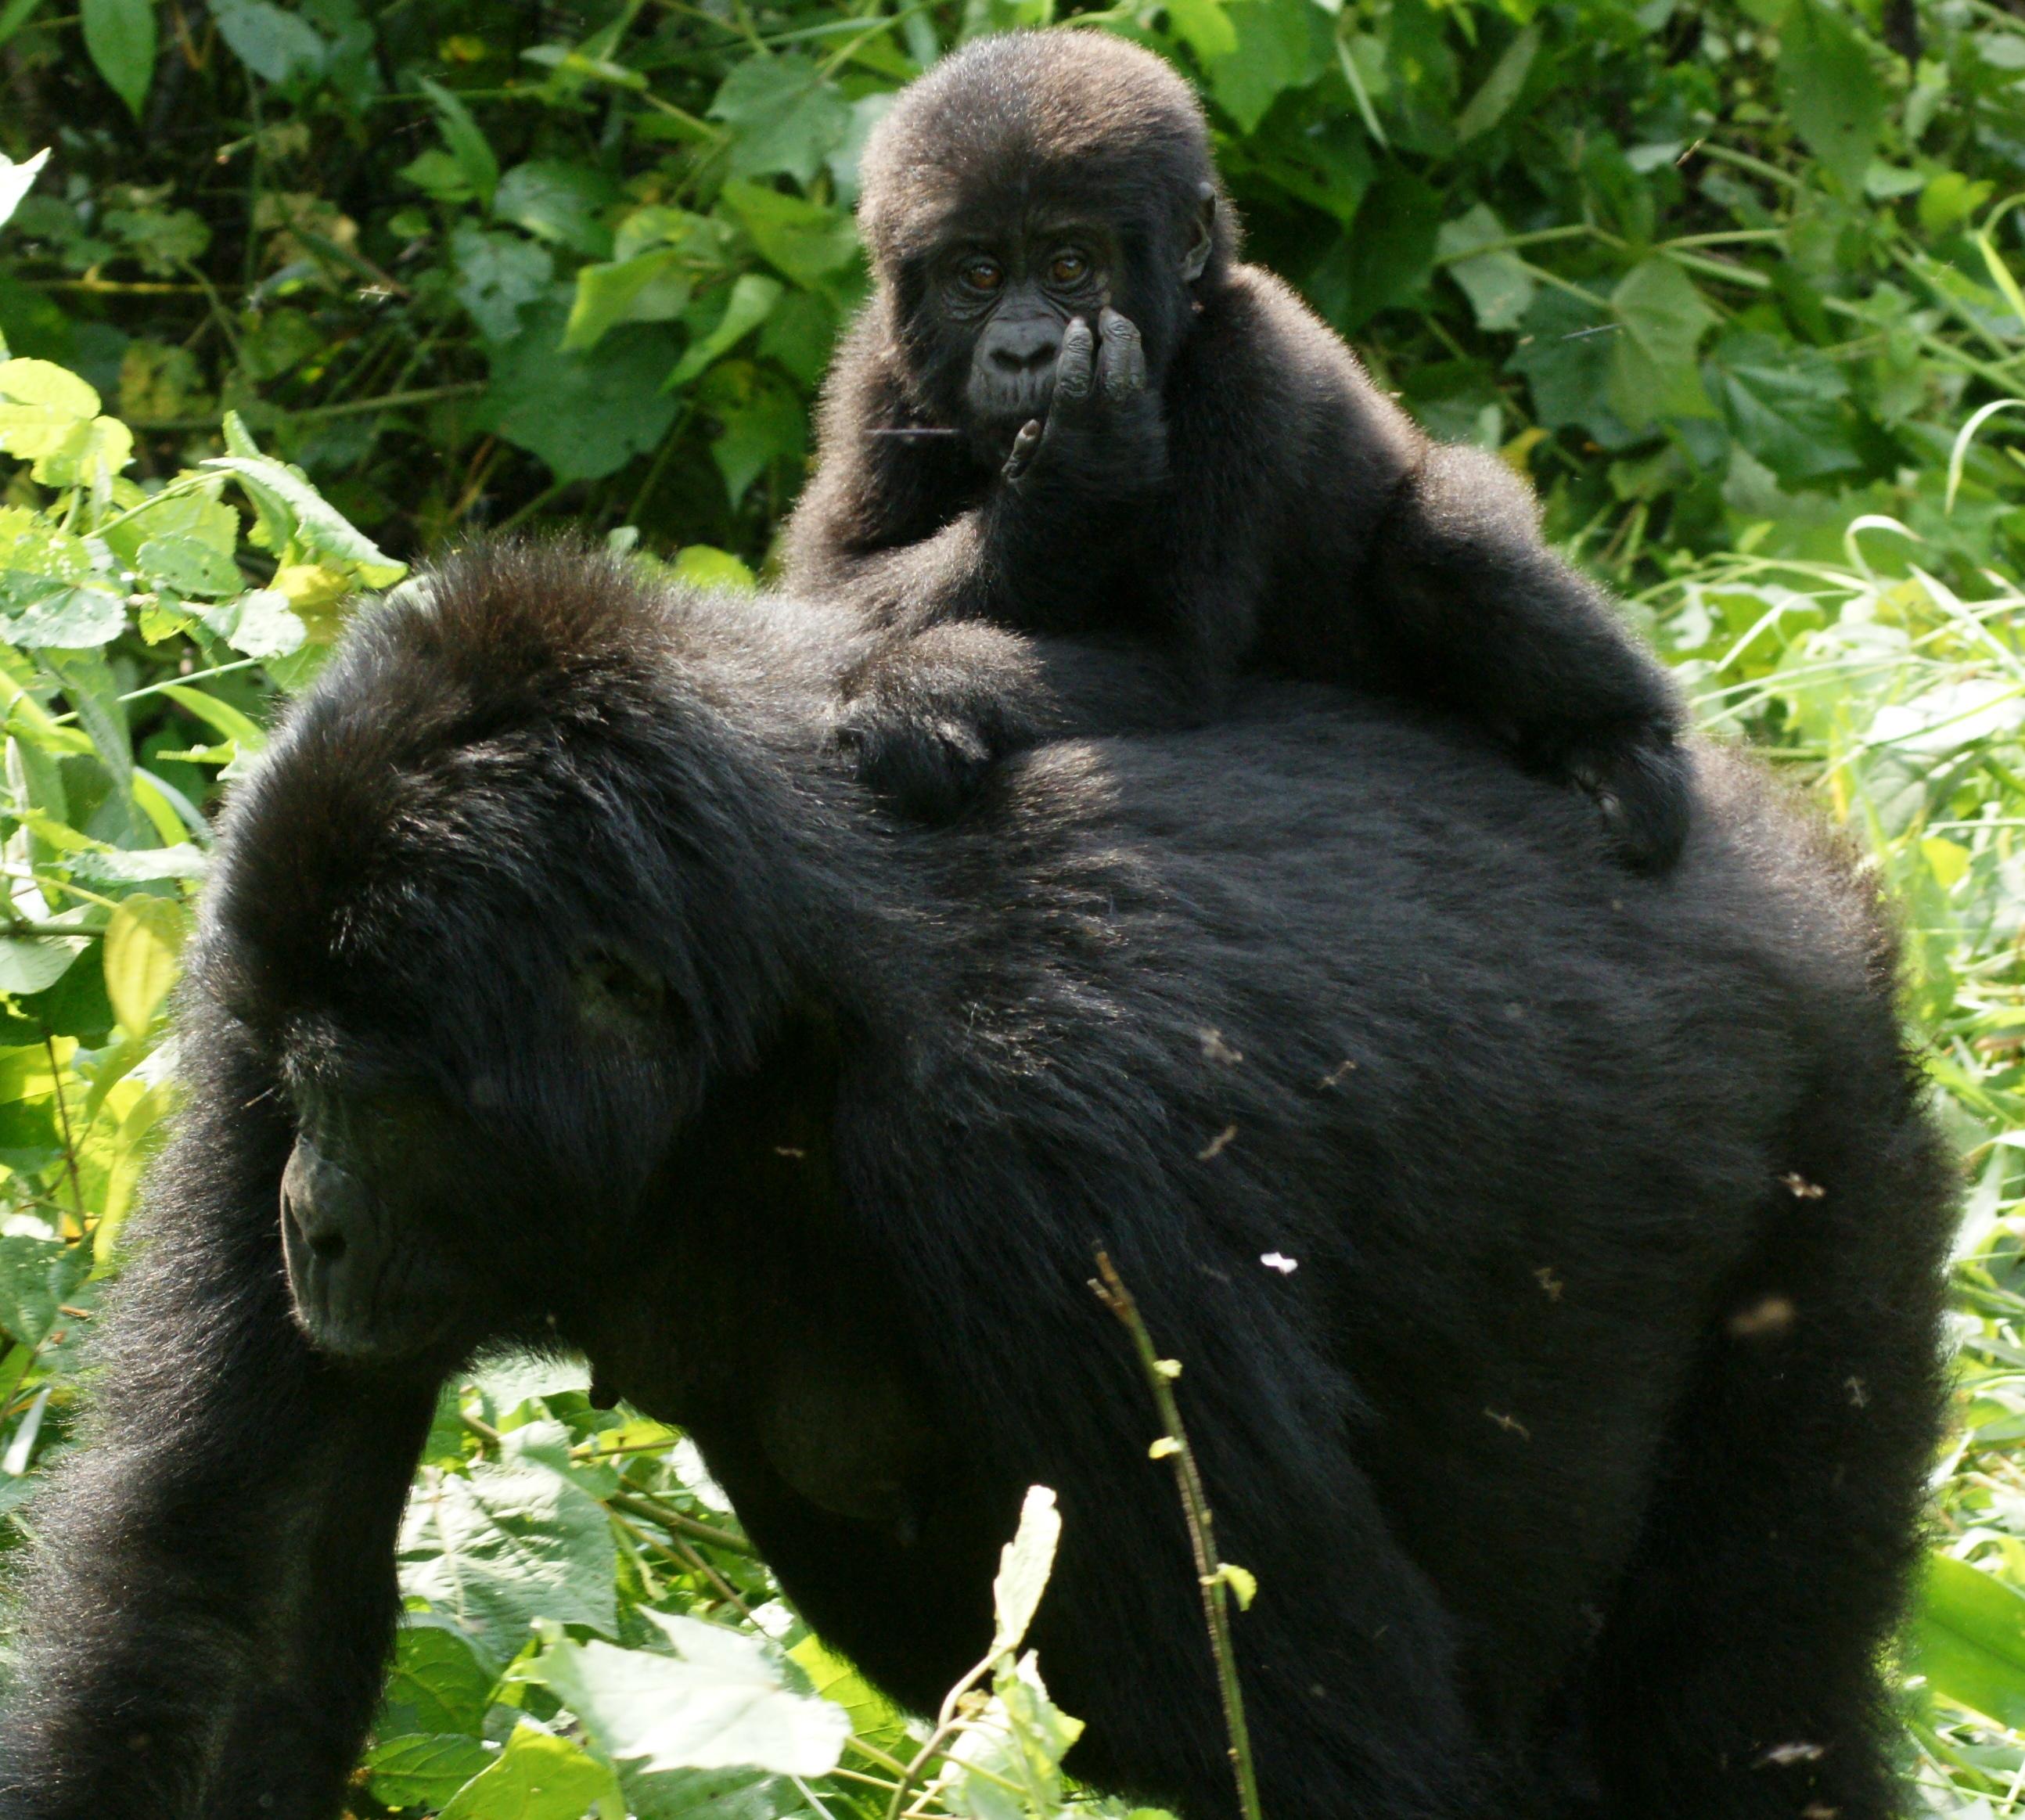 File:Gorillas in Uganda-3, by Fiver Löcker.jpg - Wikimedia ...